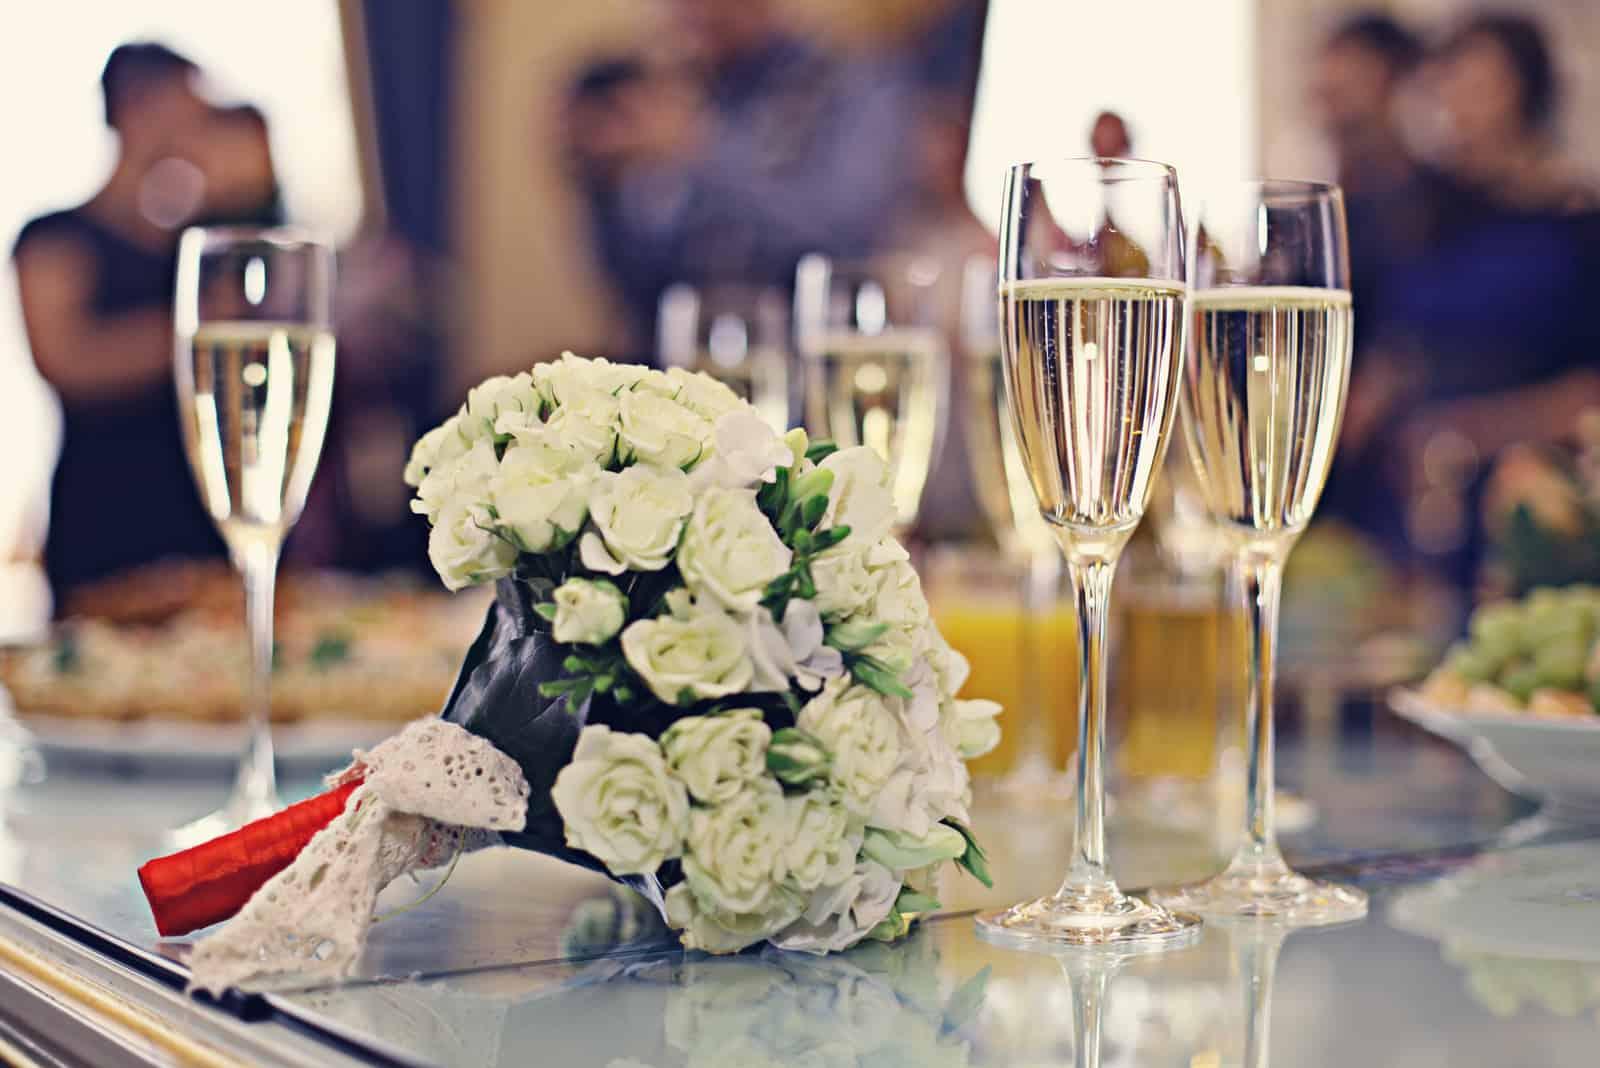 Hochzeitsstrauß und Champagner auf dem Tisch